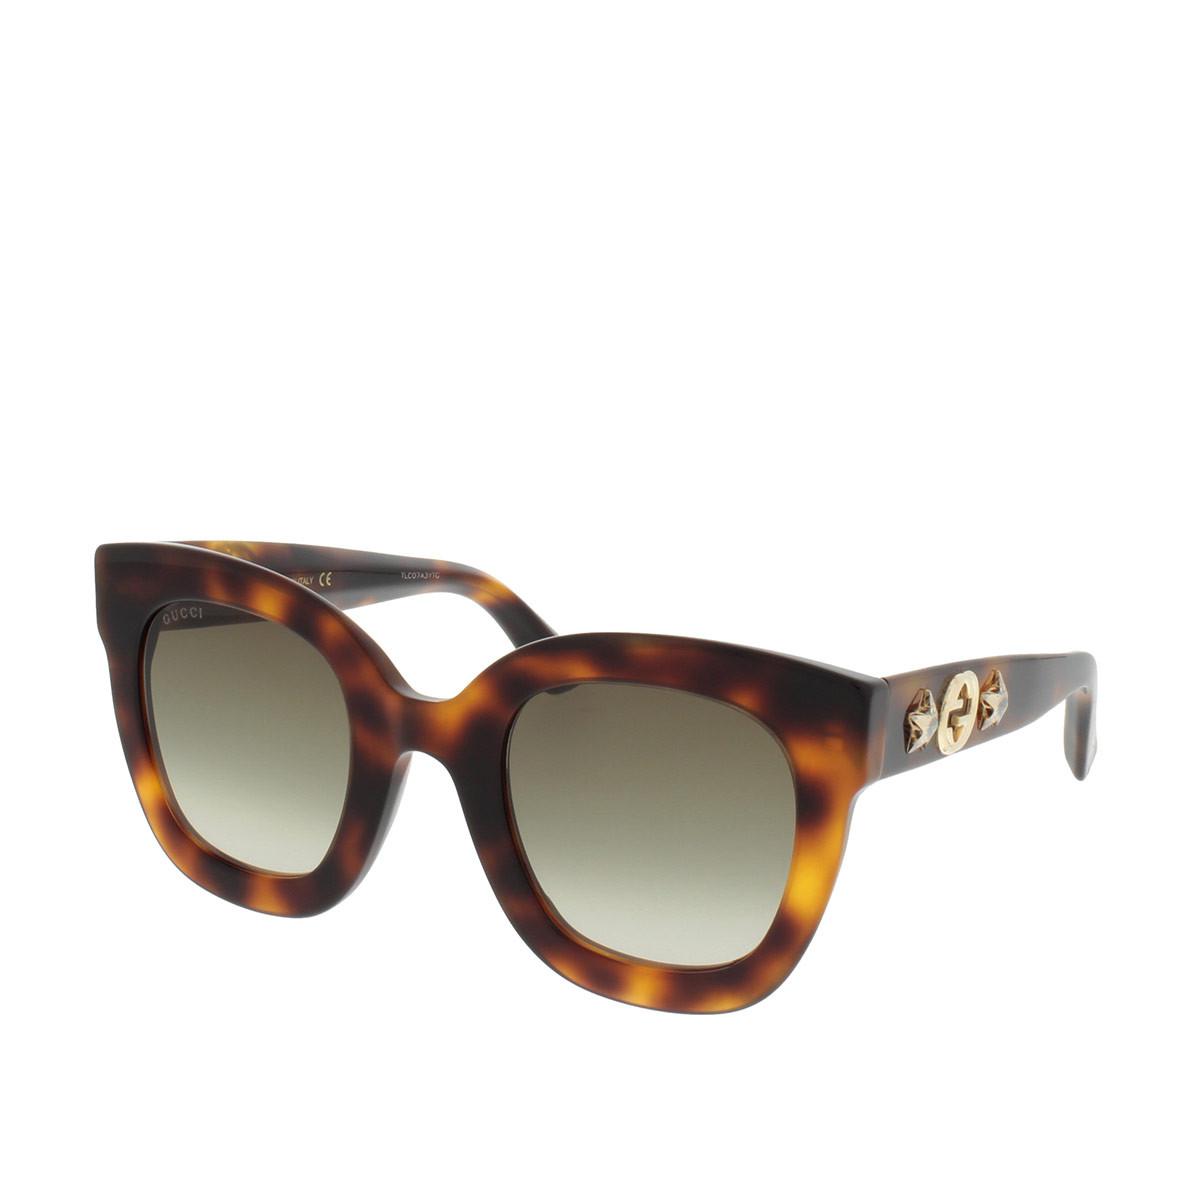 Gucci Sonnenbrille - GG0208S 49 003 - in braun - für Damen